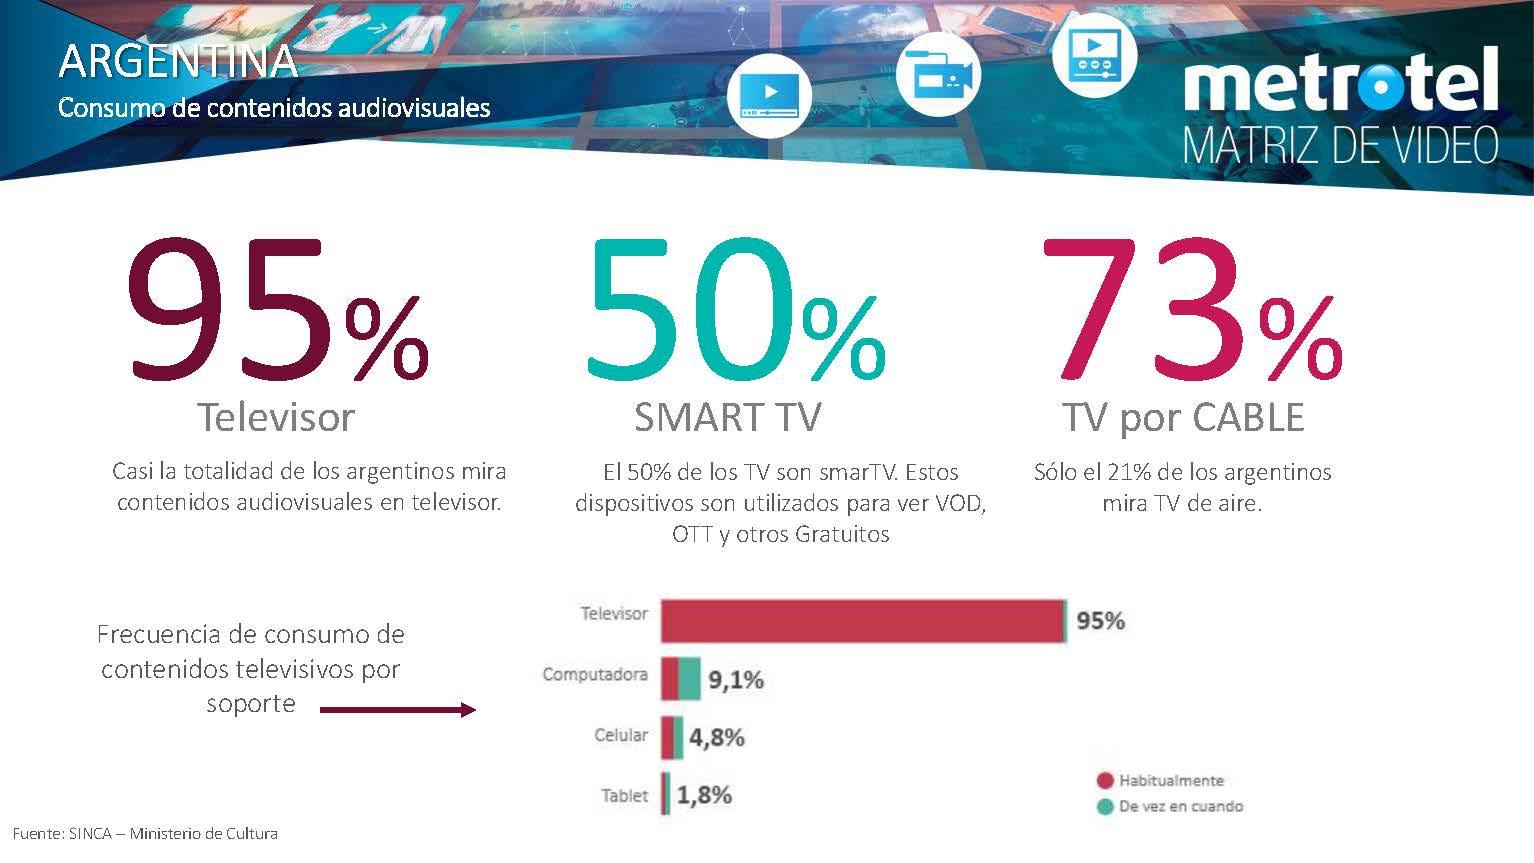 Matriz de Video_Metrotel_Página_24